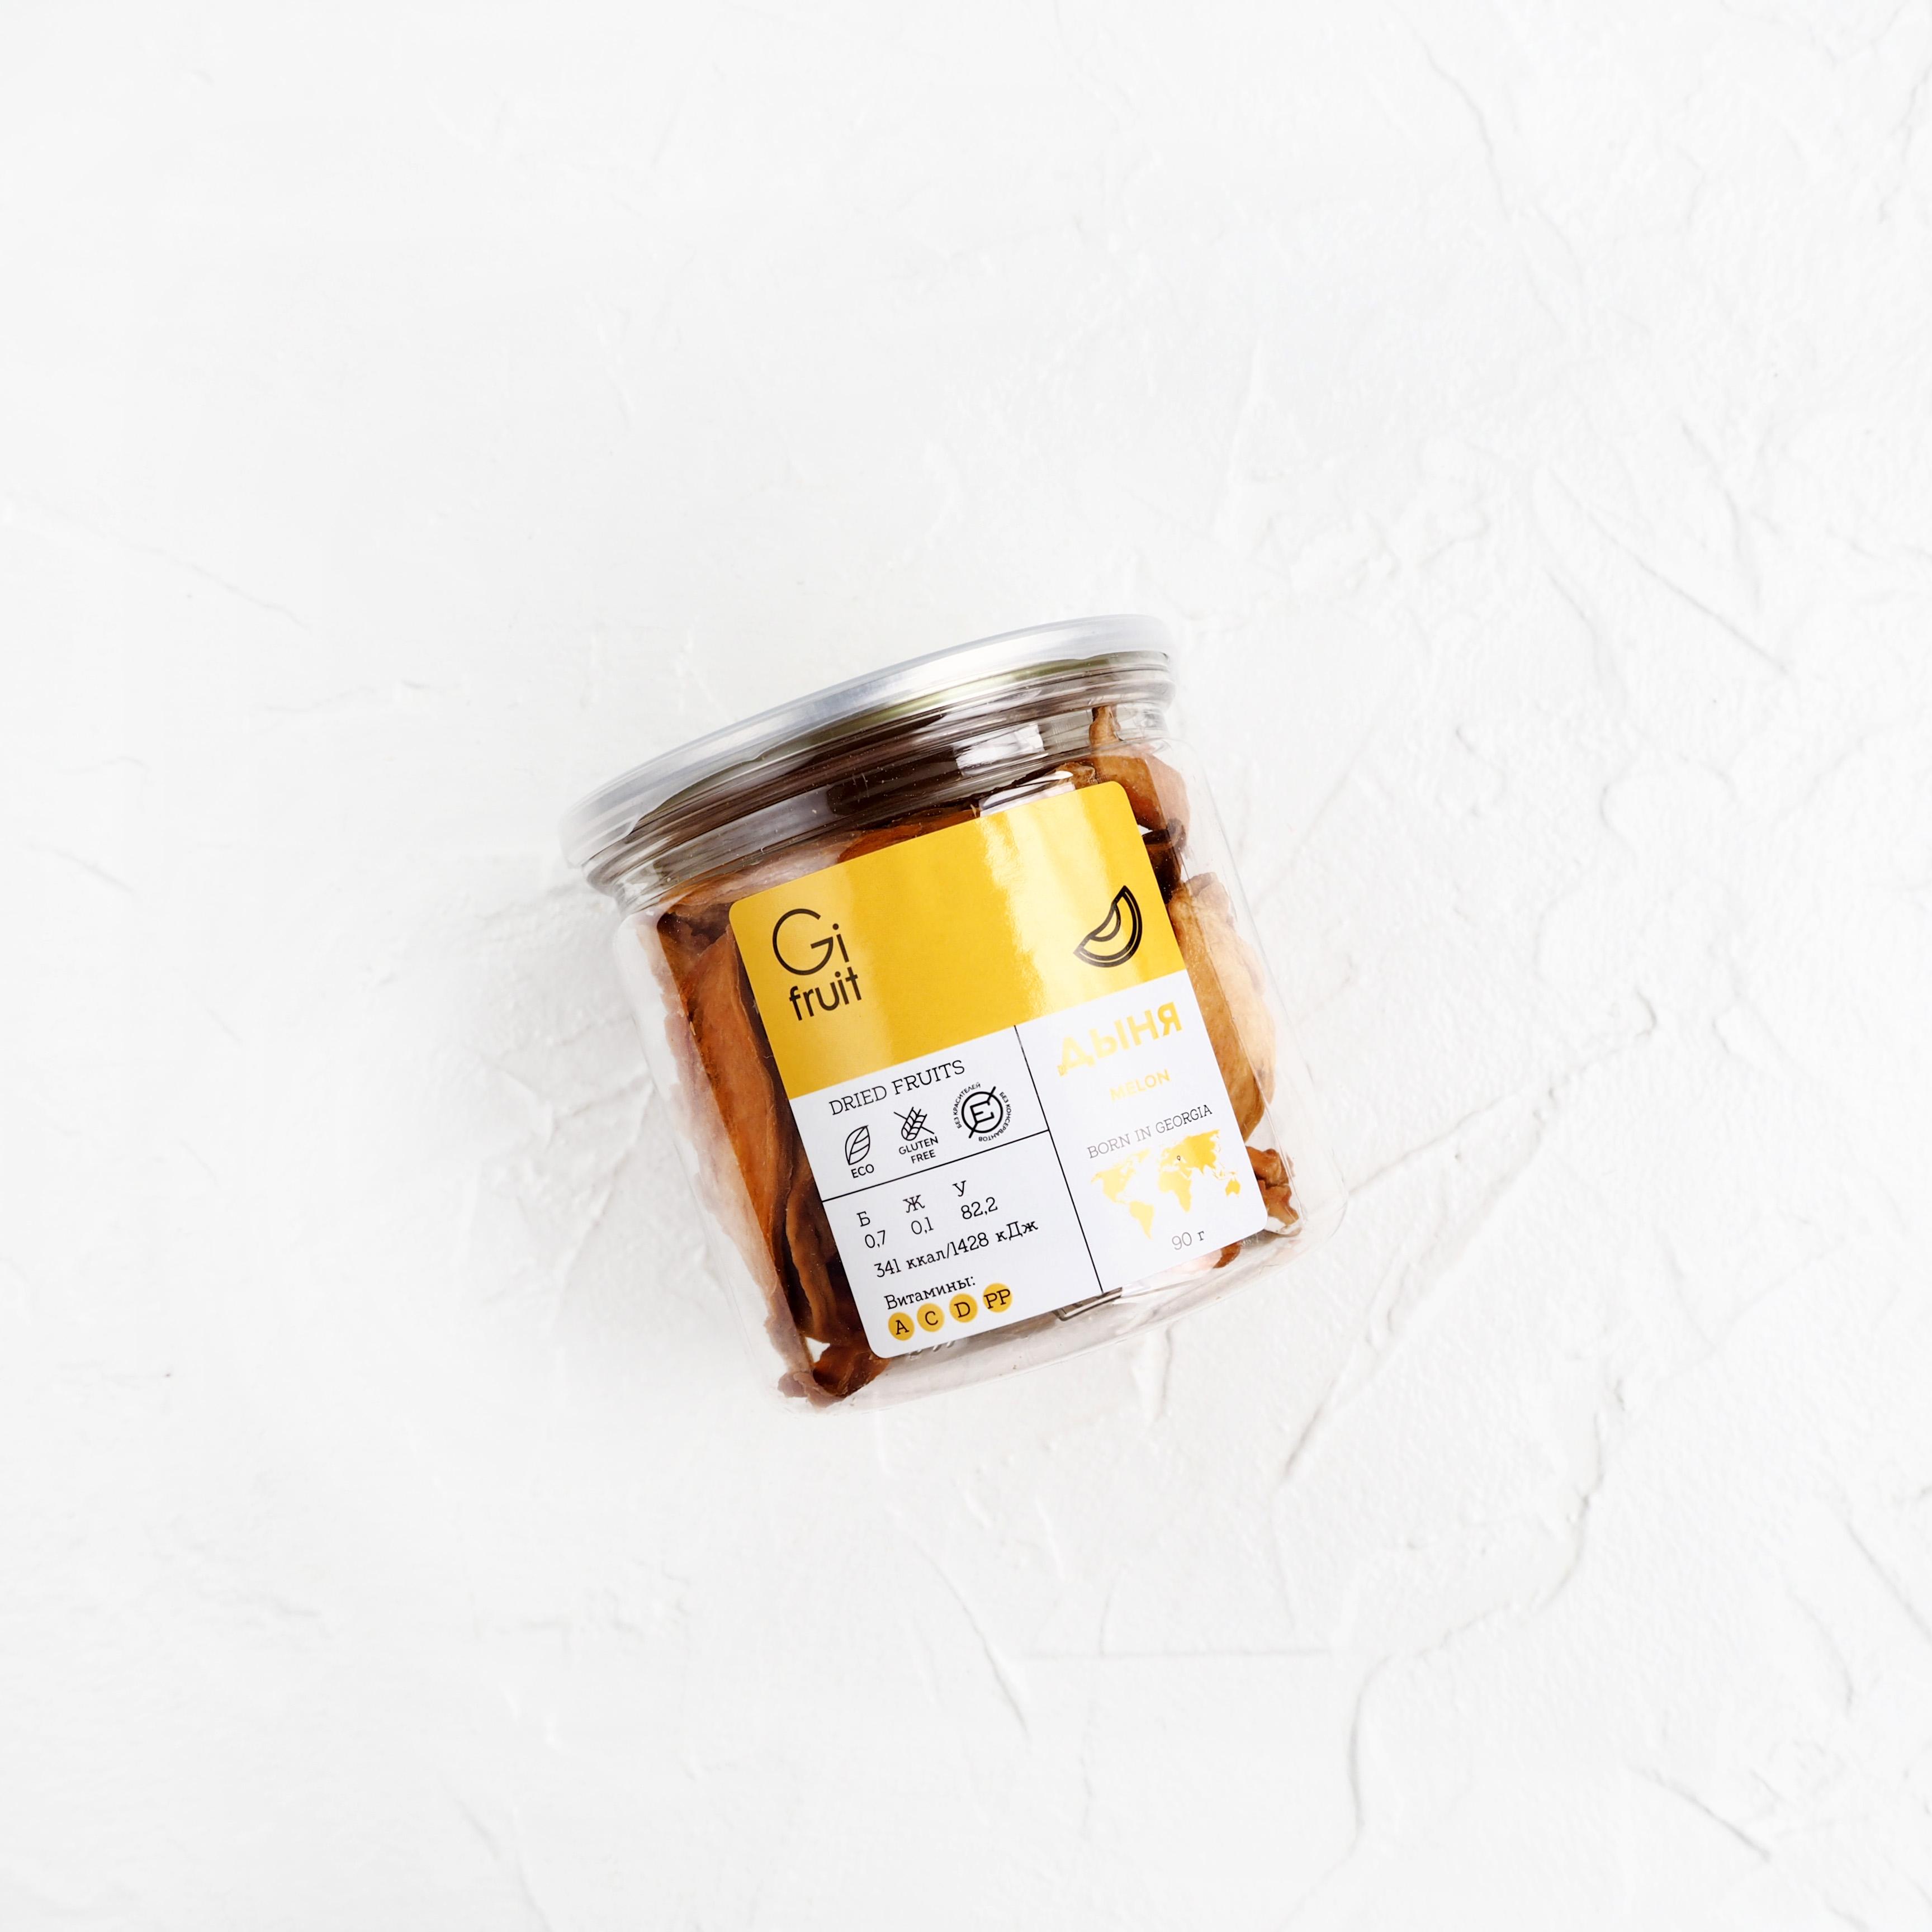 Сушёная дыня (1 шт., 90 г)